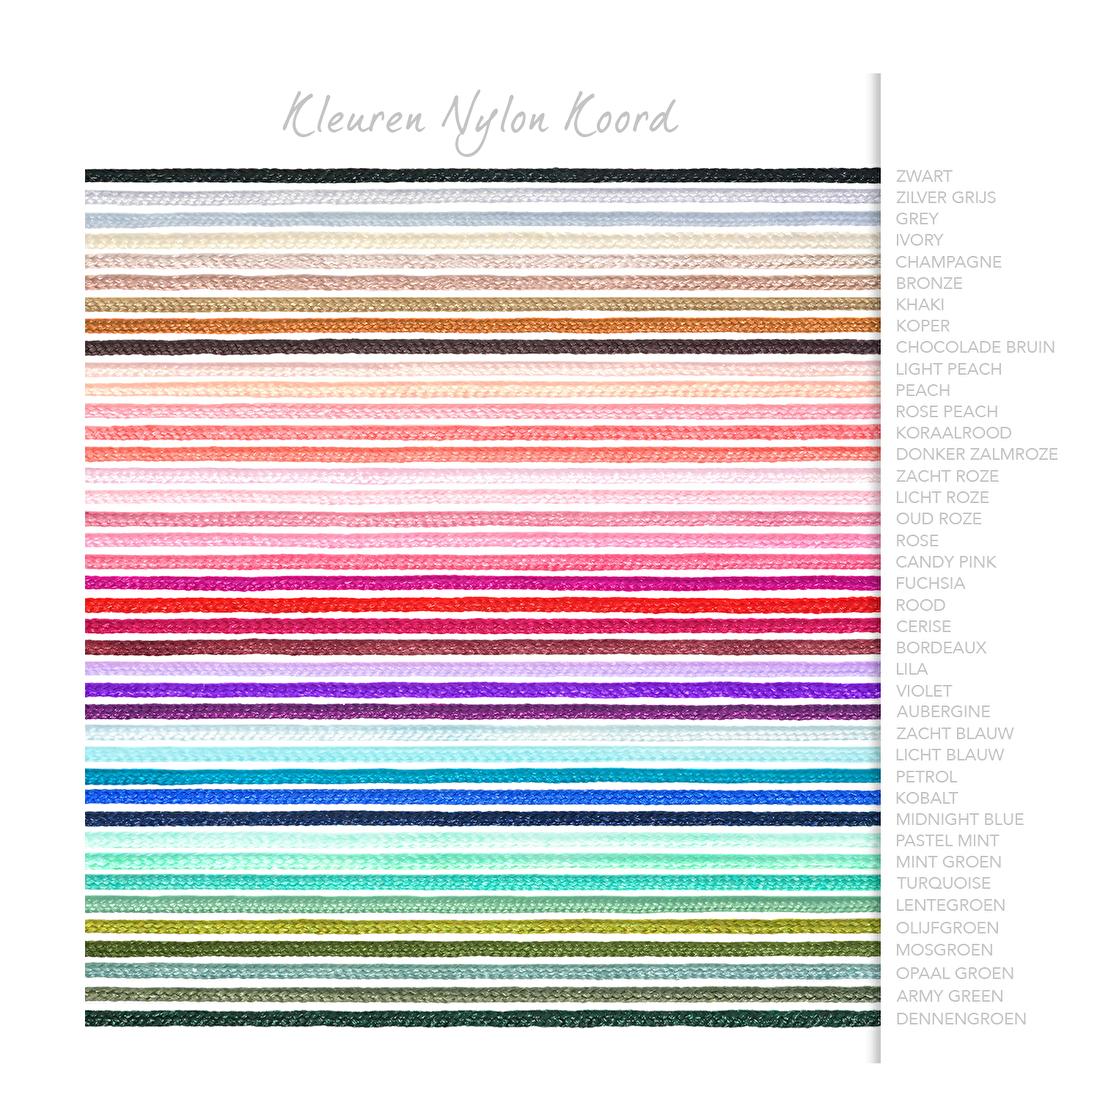 kleuren overzicht nylonkoord